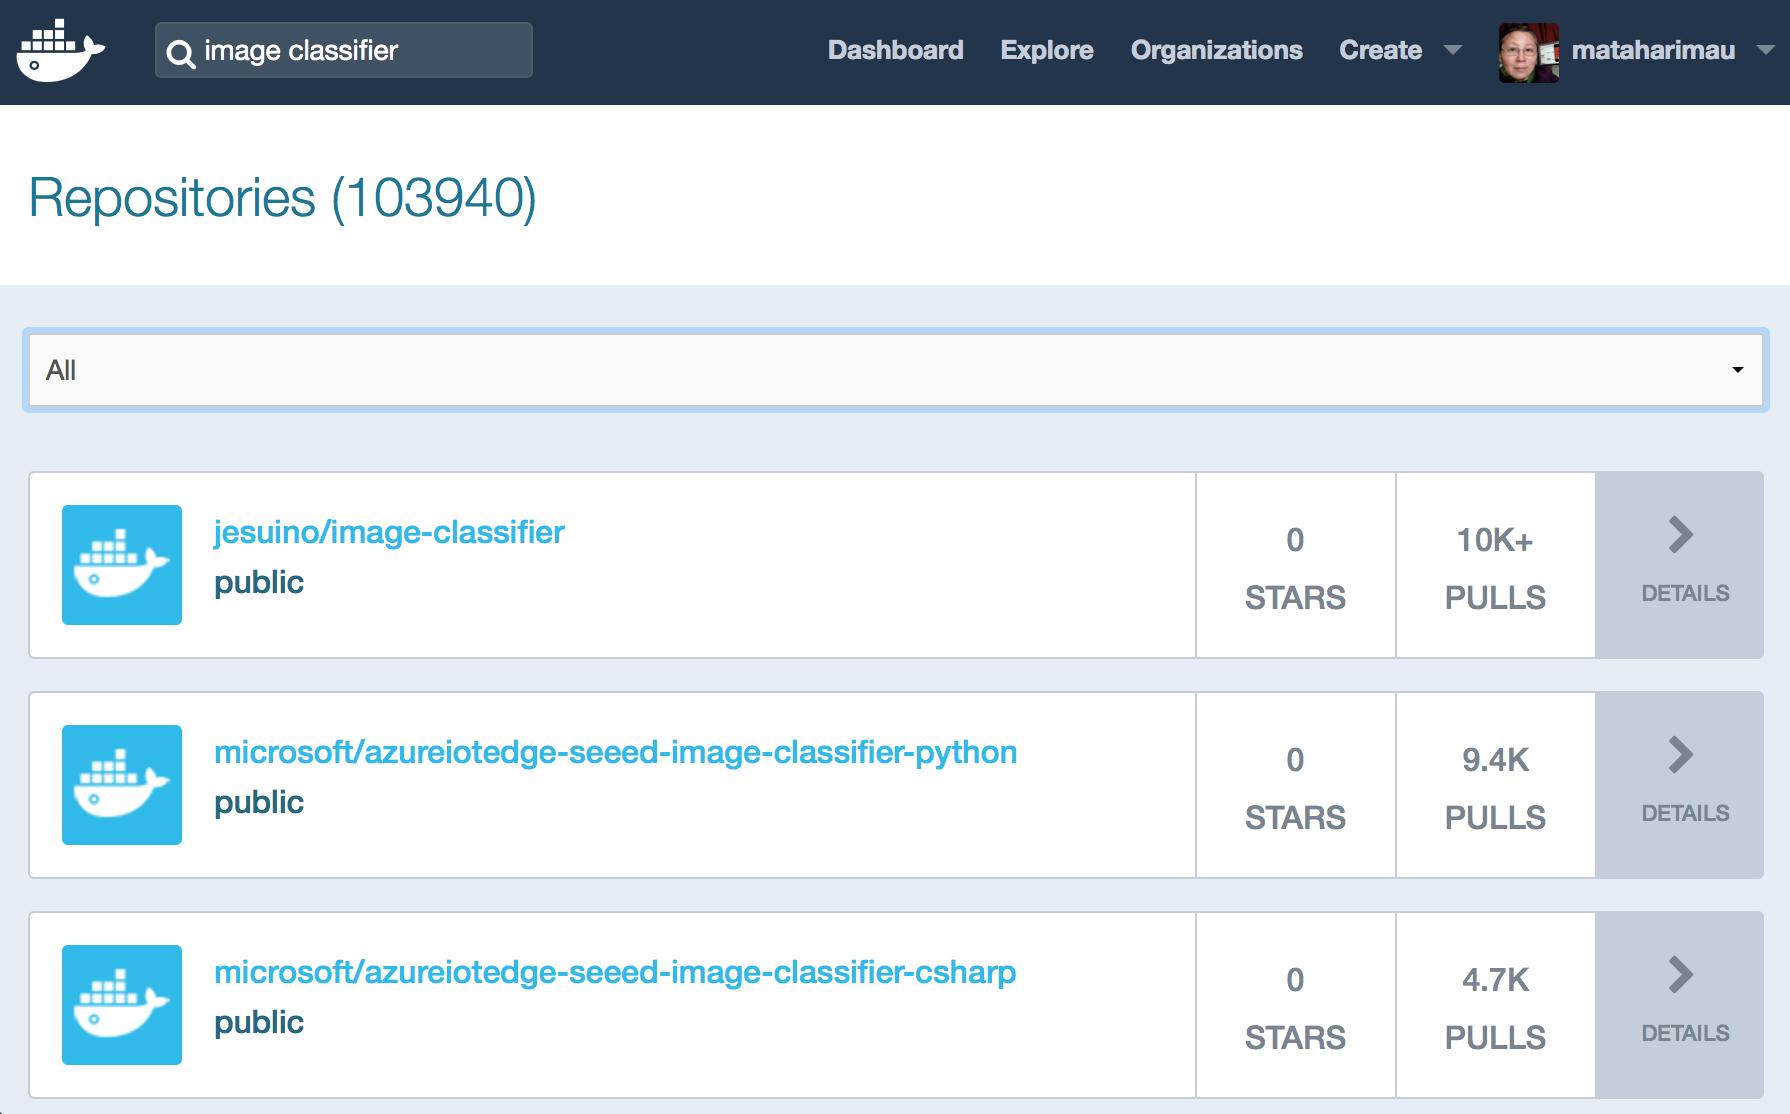 Search Docker Hub for image classifier